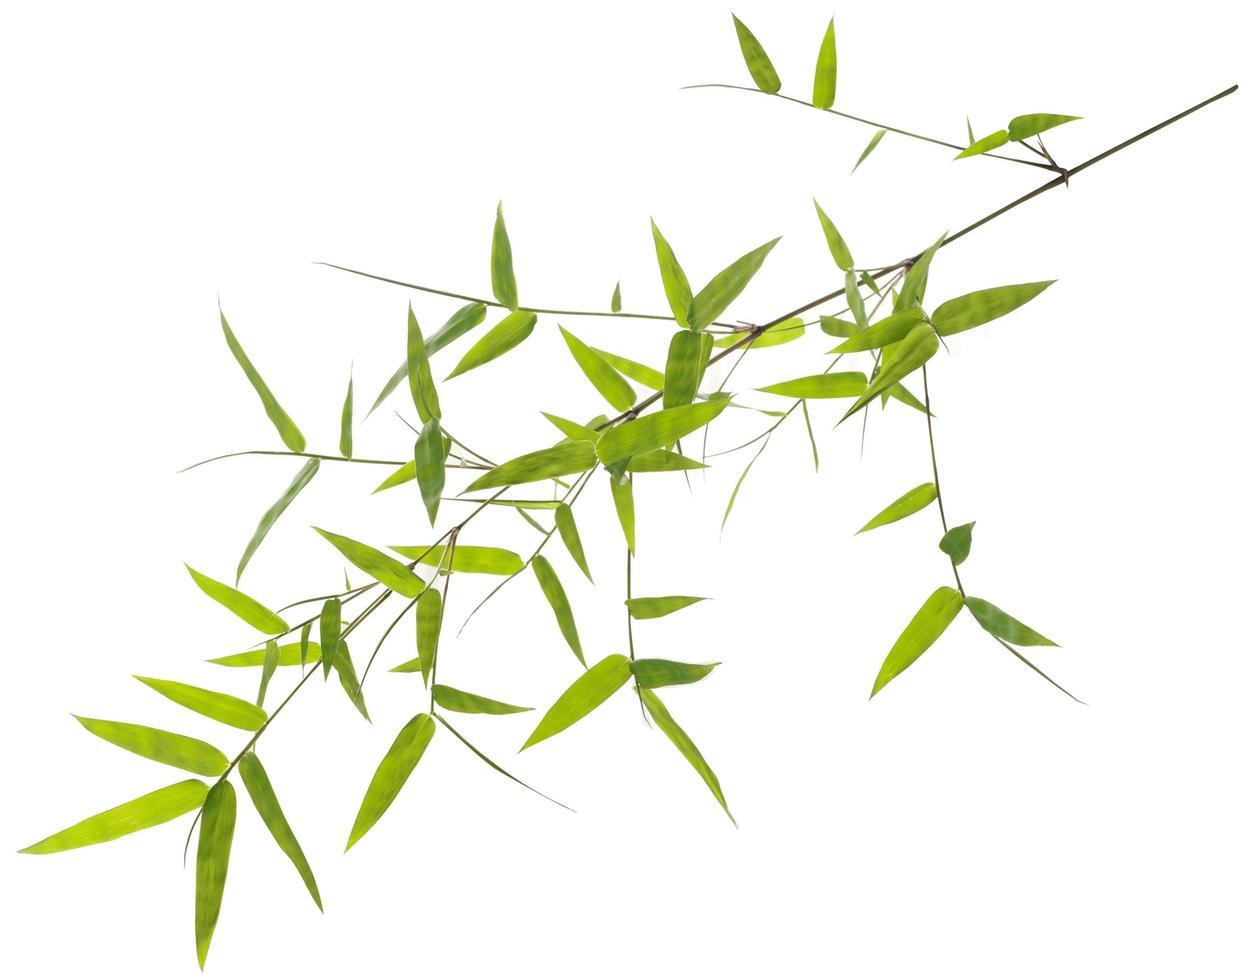 foglie di bambù verde isolato su sfondo bianco foto